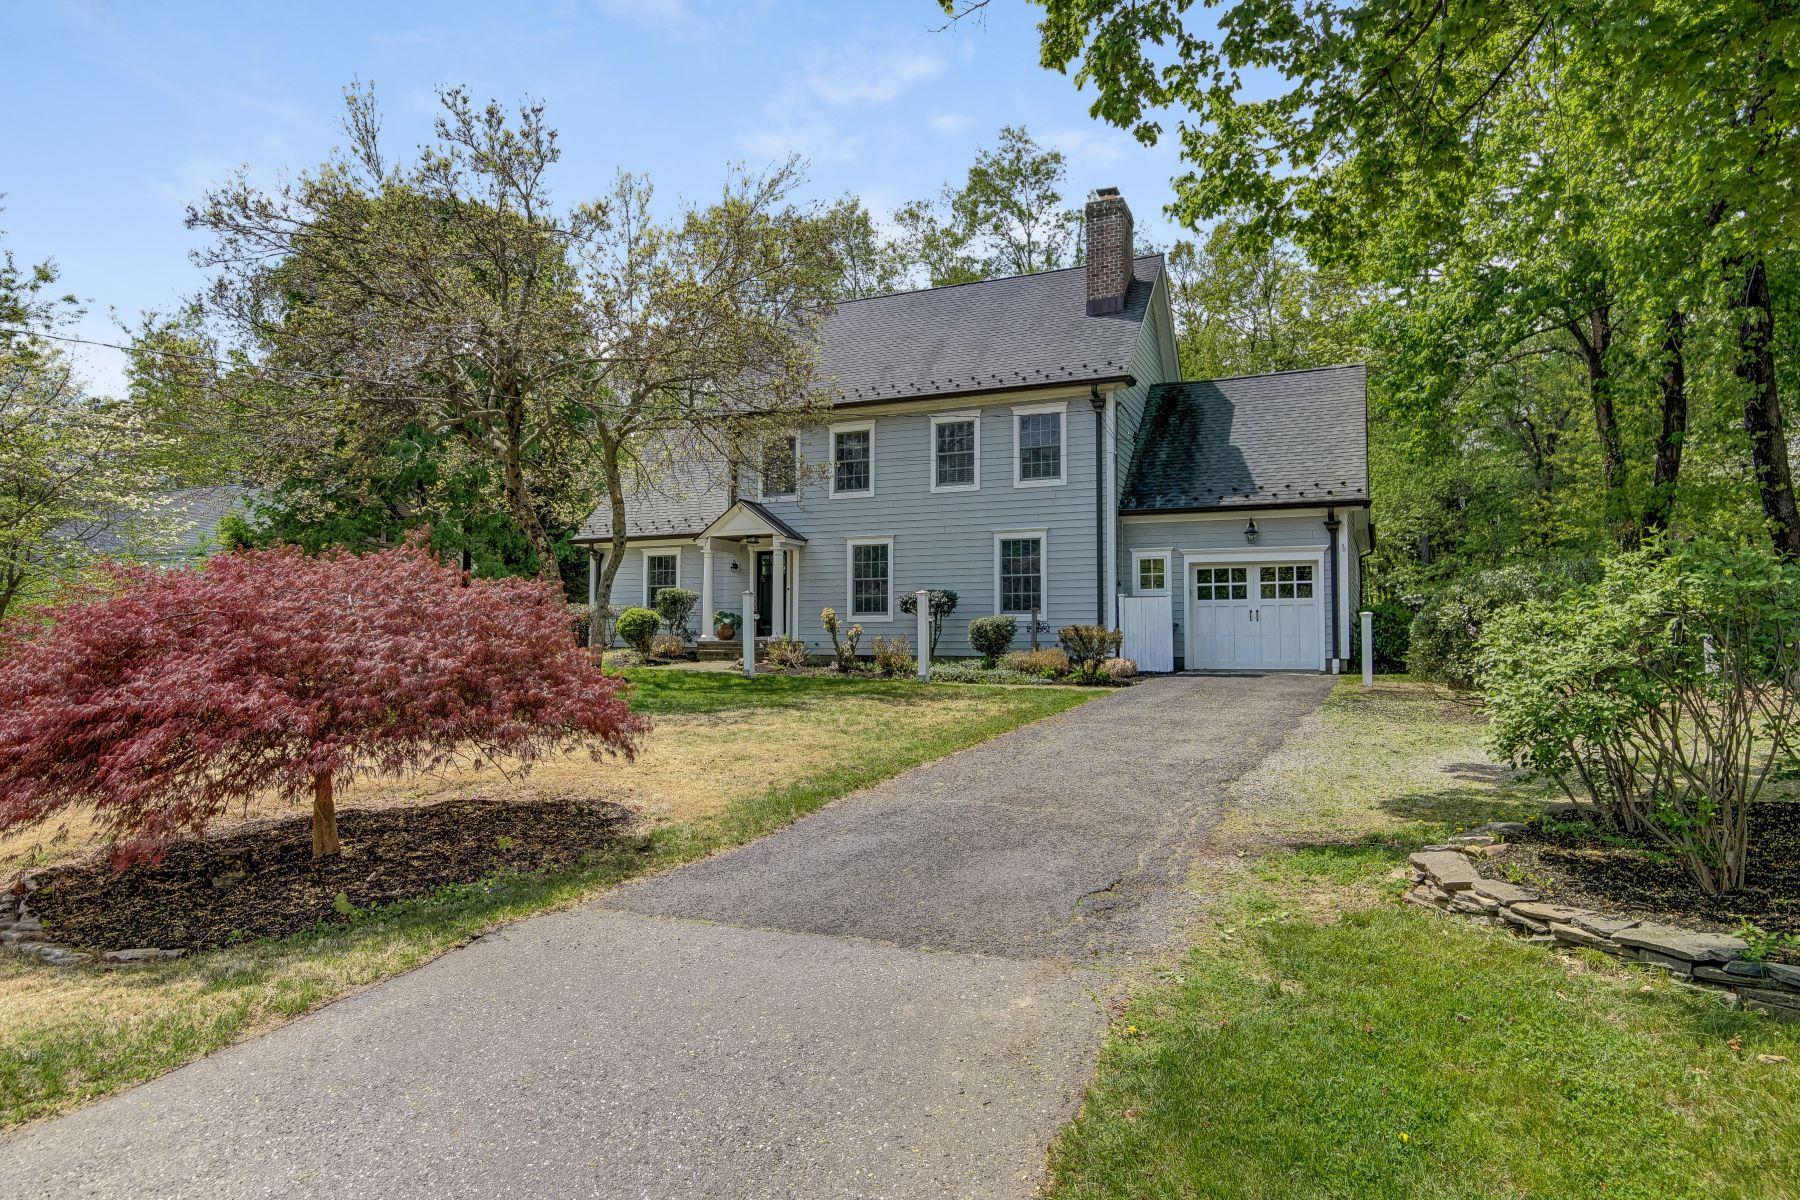 Maison unifamiliale pour l Vente à Stunning Custom Colonial 32 Woodstone Road, Basking Ridge, New Jersey 07920 États-Unis